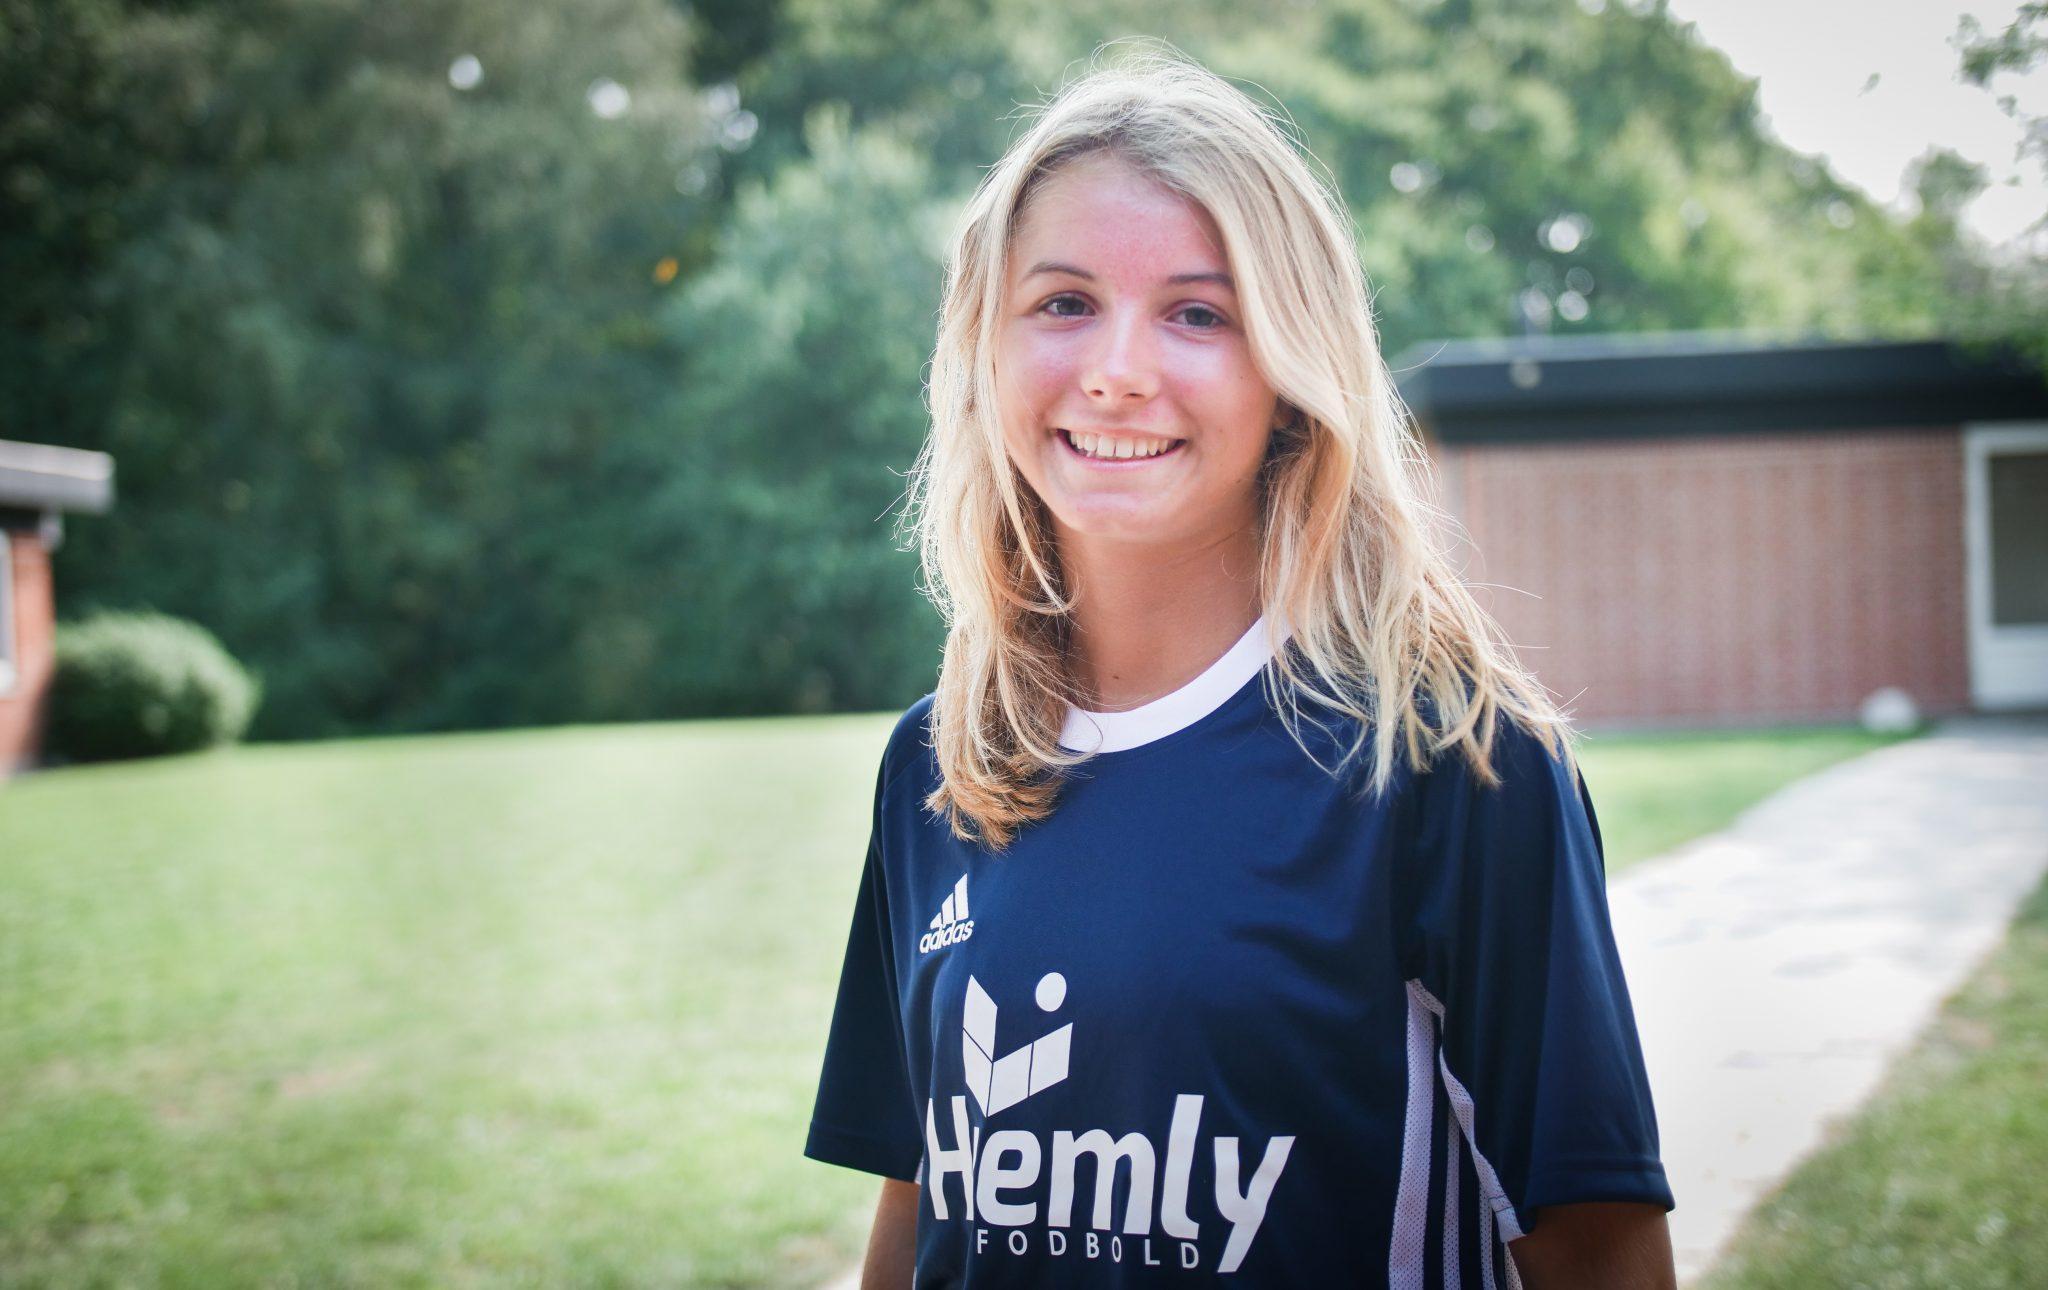 Hjemly-spiller udtaget til U17-landsholdet